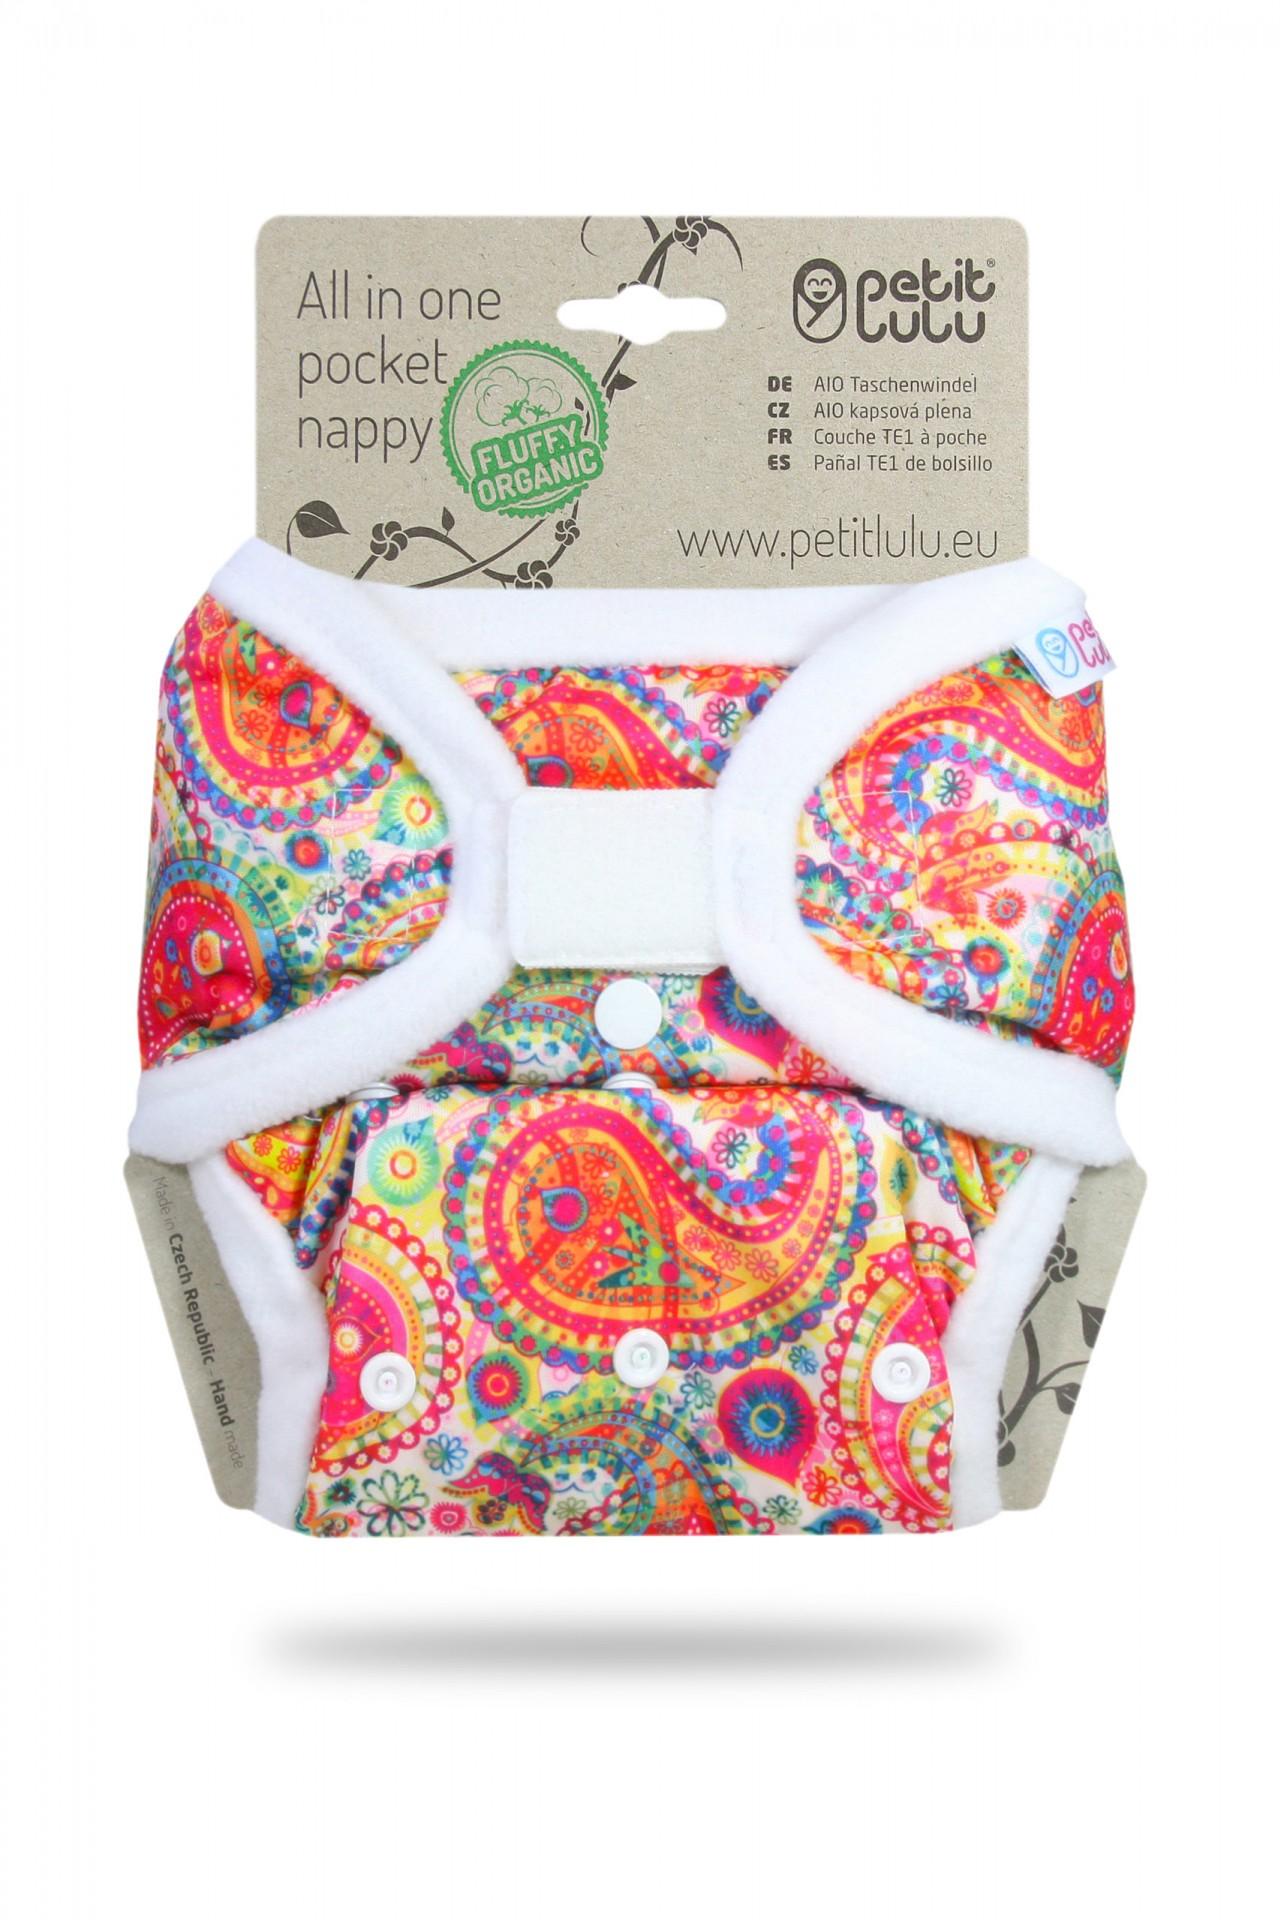 Fralda tudo-em-um com bolso da Petit Lulu Organic (velcro)